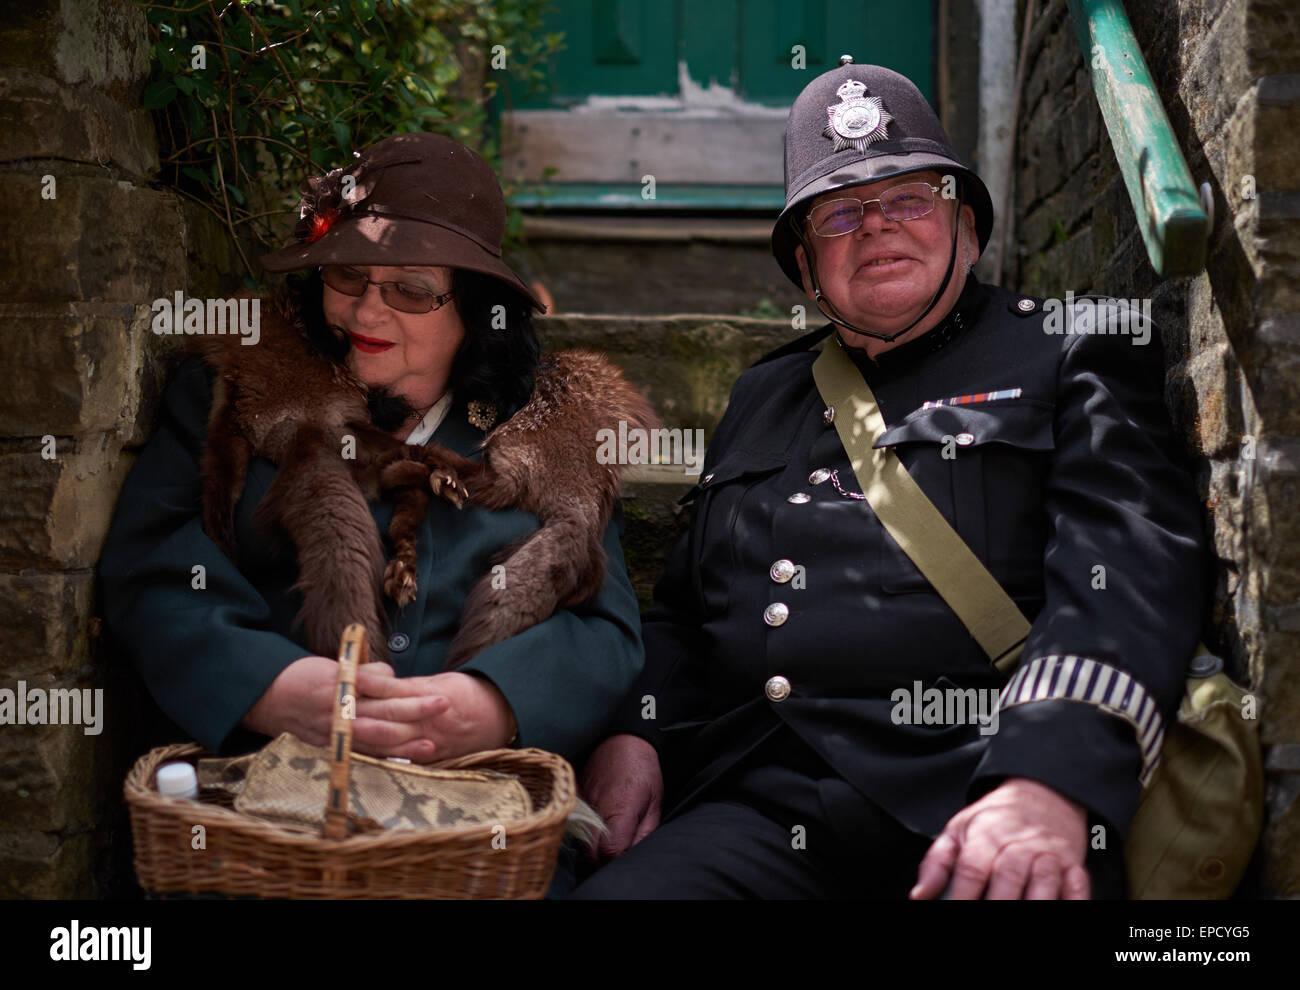 Jolly vecchio poliziotto e la moglie seduta in una rampa di scale Immagini Stock